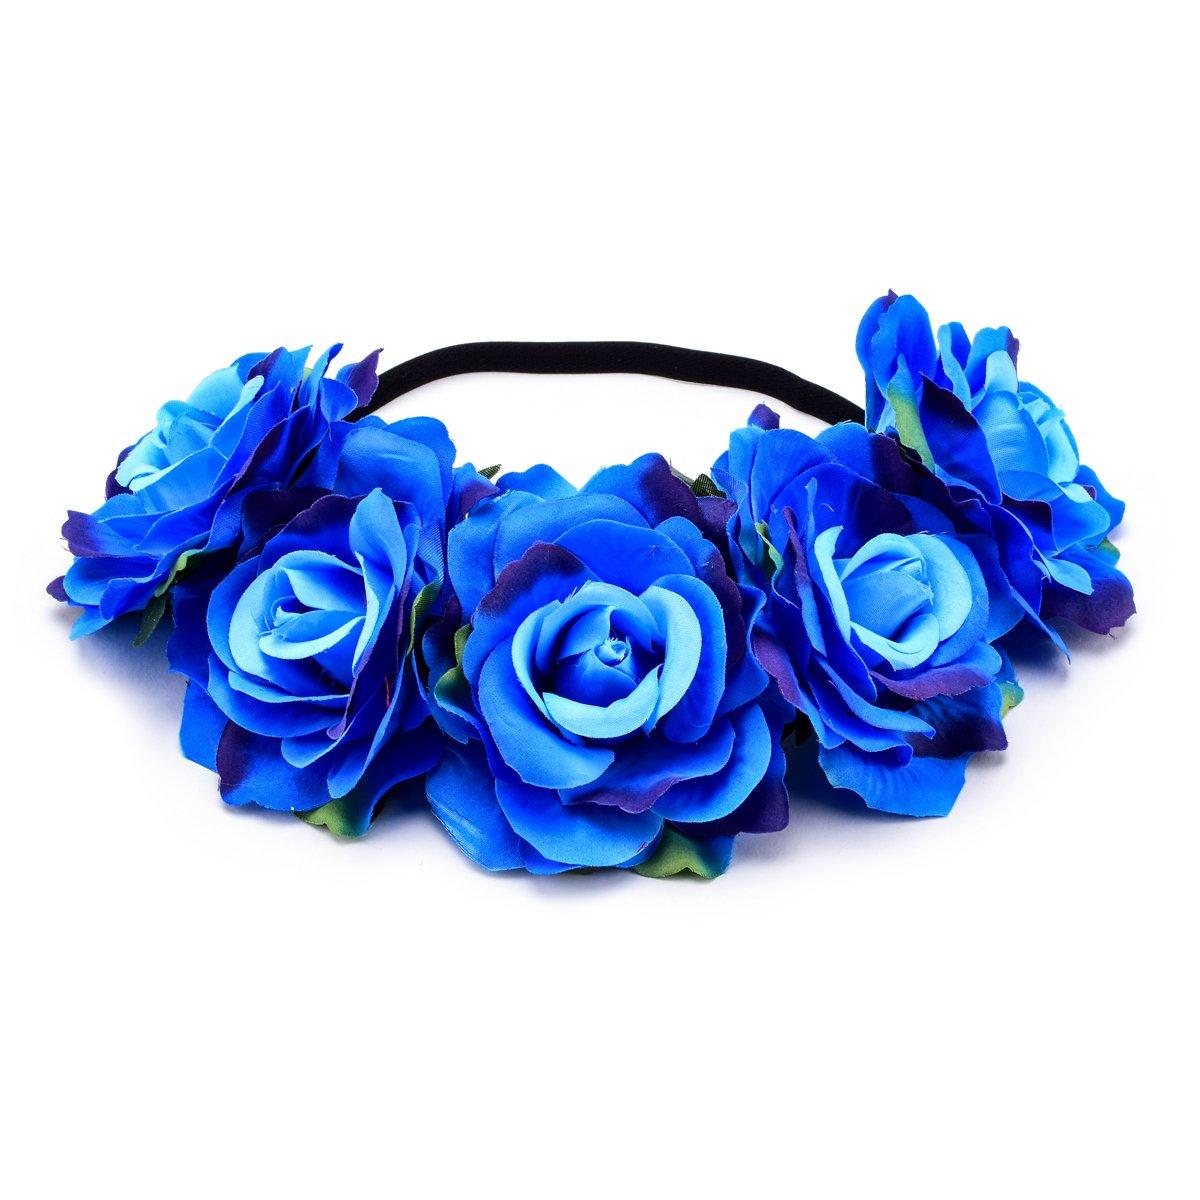 お気に入り DreamLily BC12 BC12 レディース ハワイアンストレッチローズ Z-blue フラワーヘッドバンド フラワークラウン ガーランドパーティー用 B07DX4GZRR Z-blue B07DX4GZRR Z-blue, 雑貨のおもちゃ箱バーグ:b3a59b58 --- arianechie.dominiotemporario.com